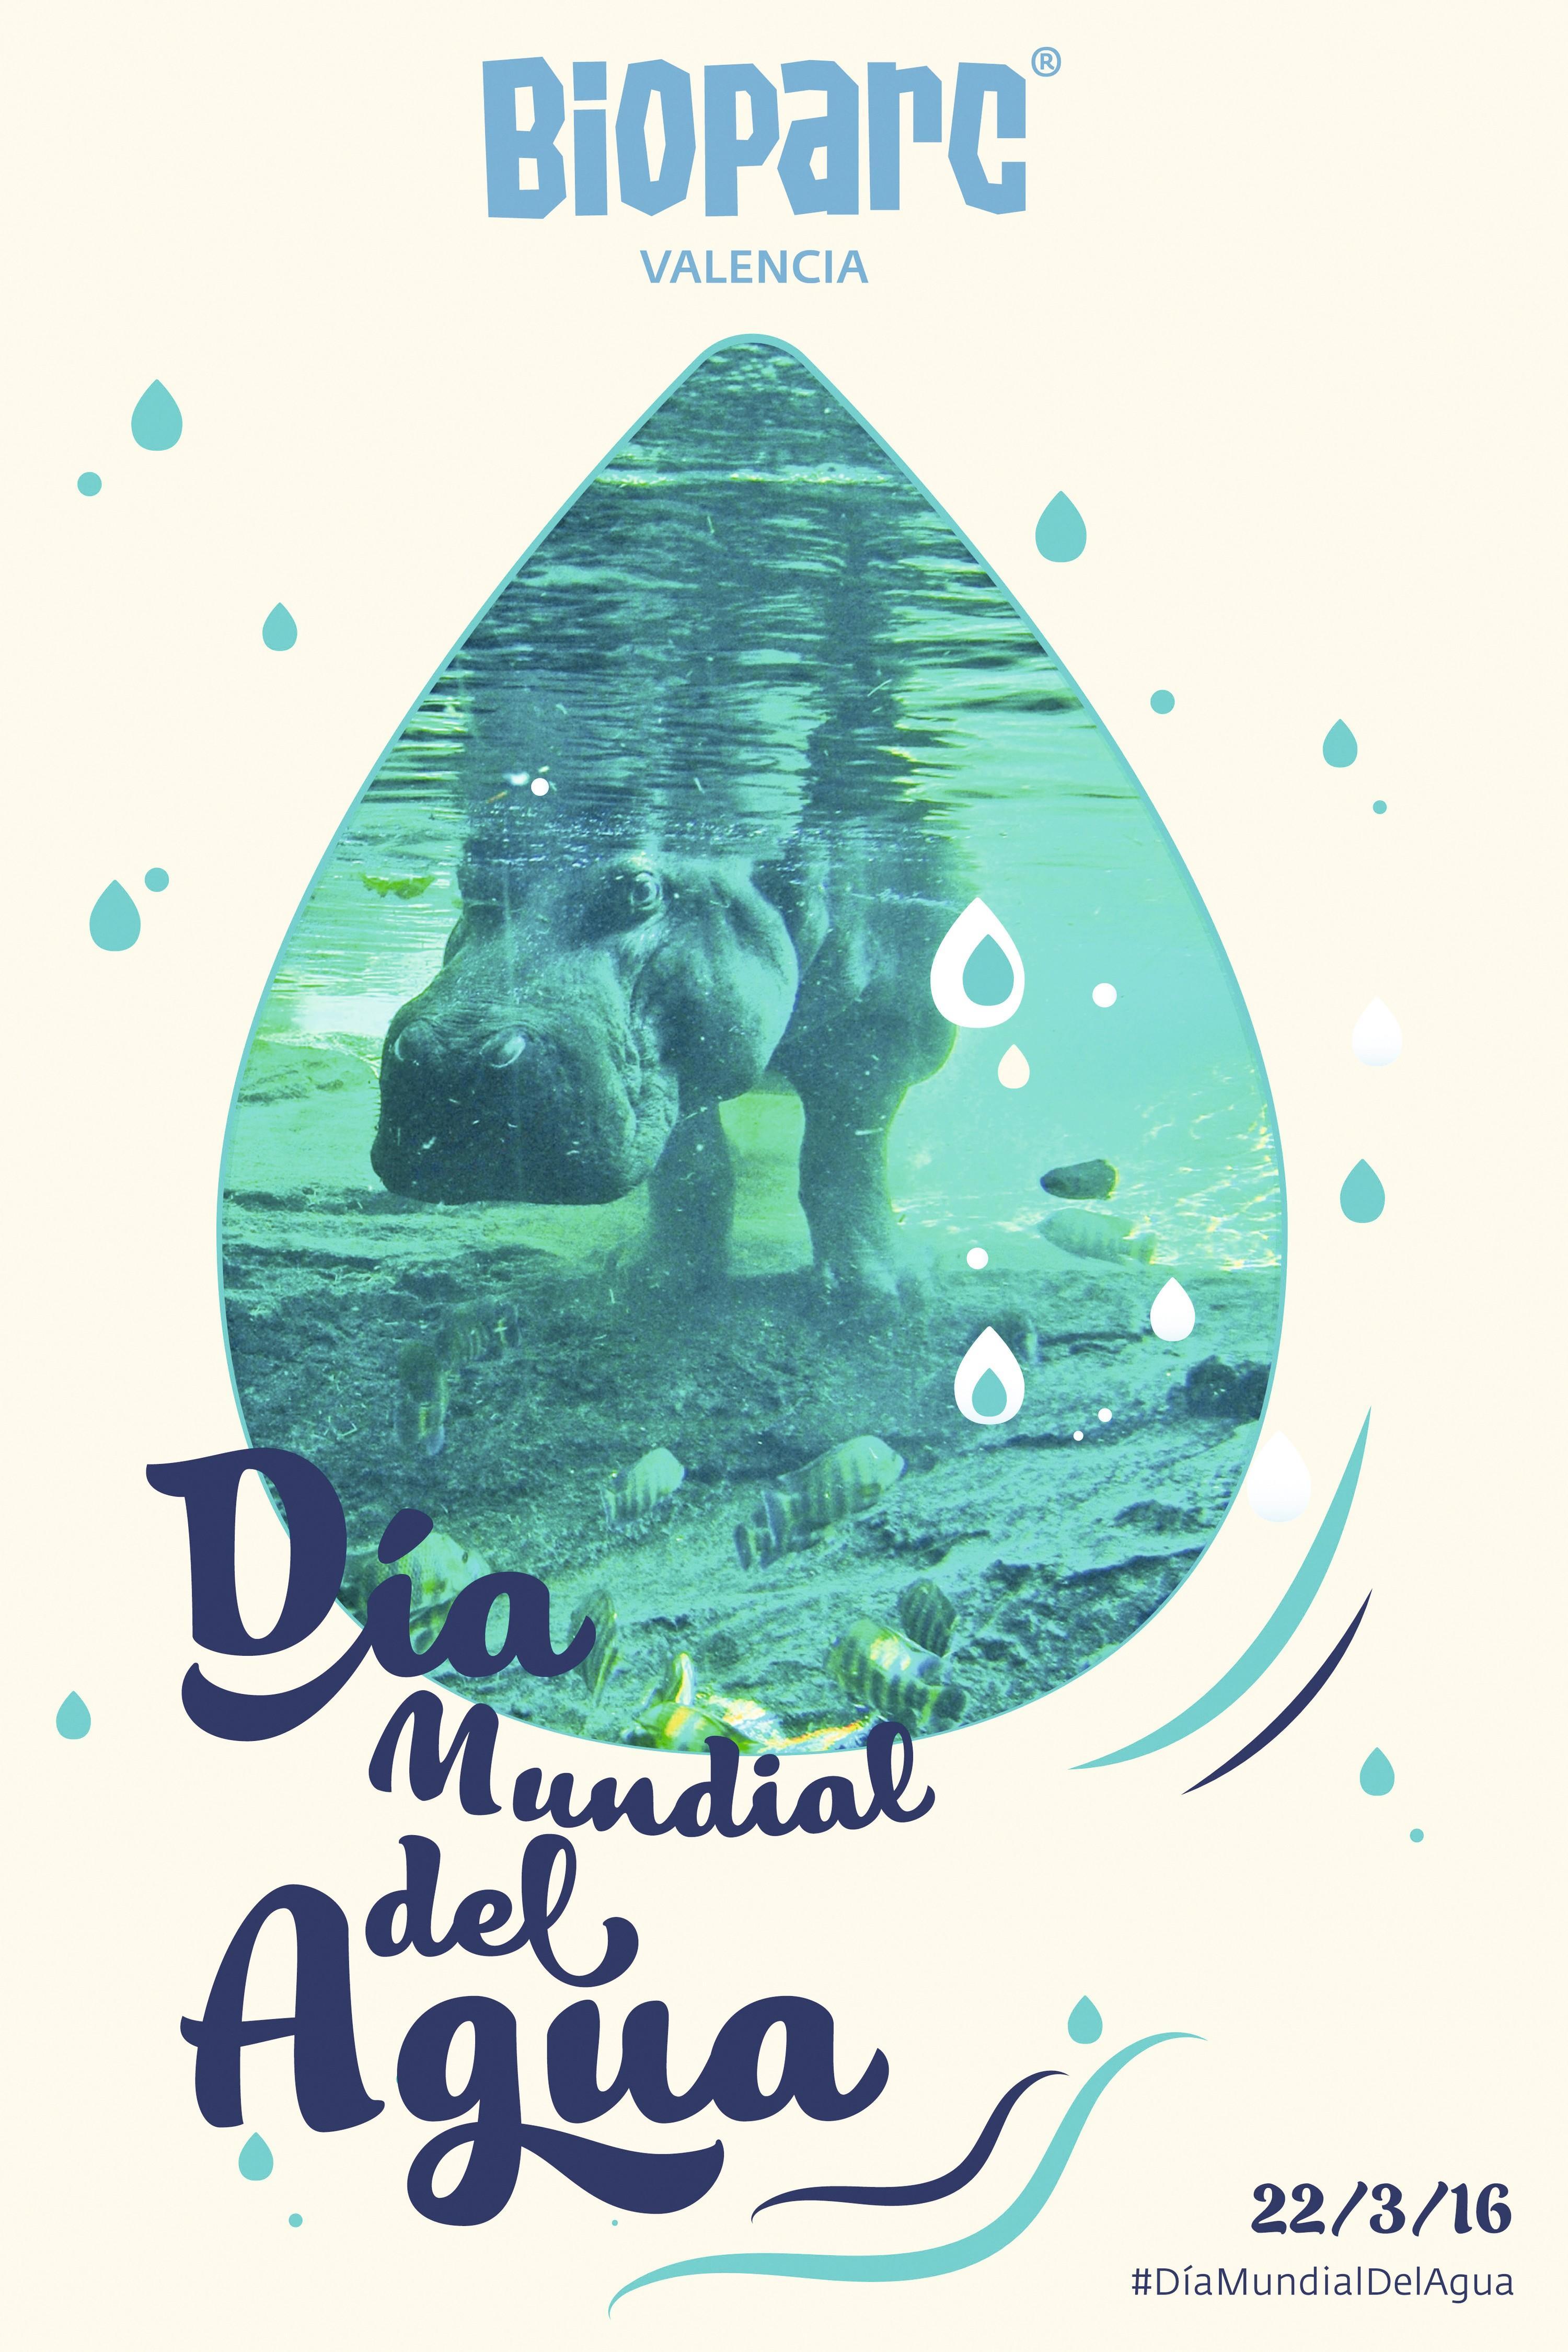 Cartel del Día Mundial del Agua, Bioparc Valencia, 2016.